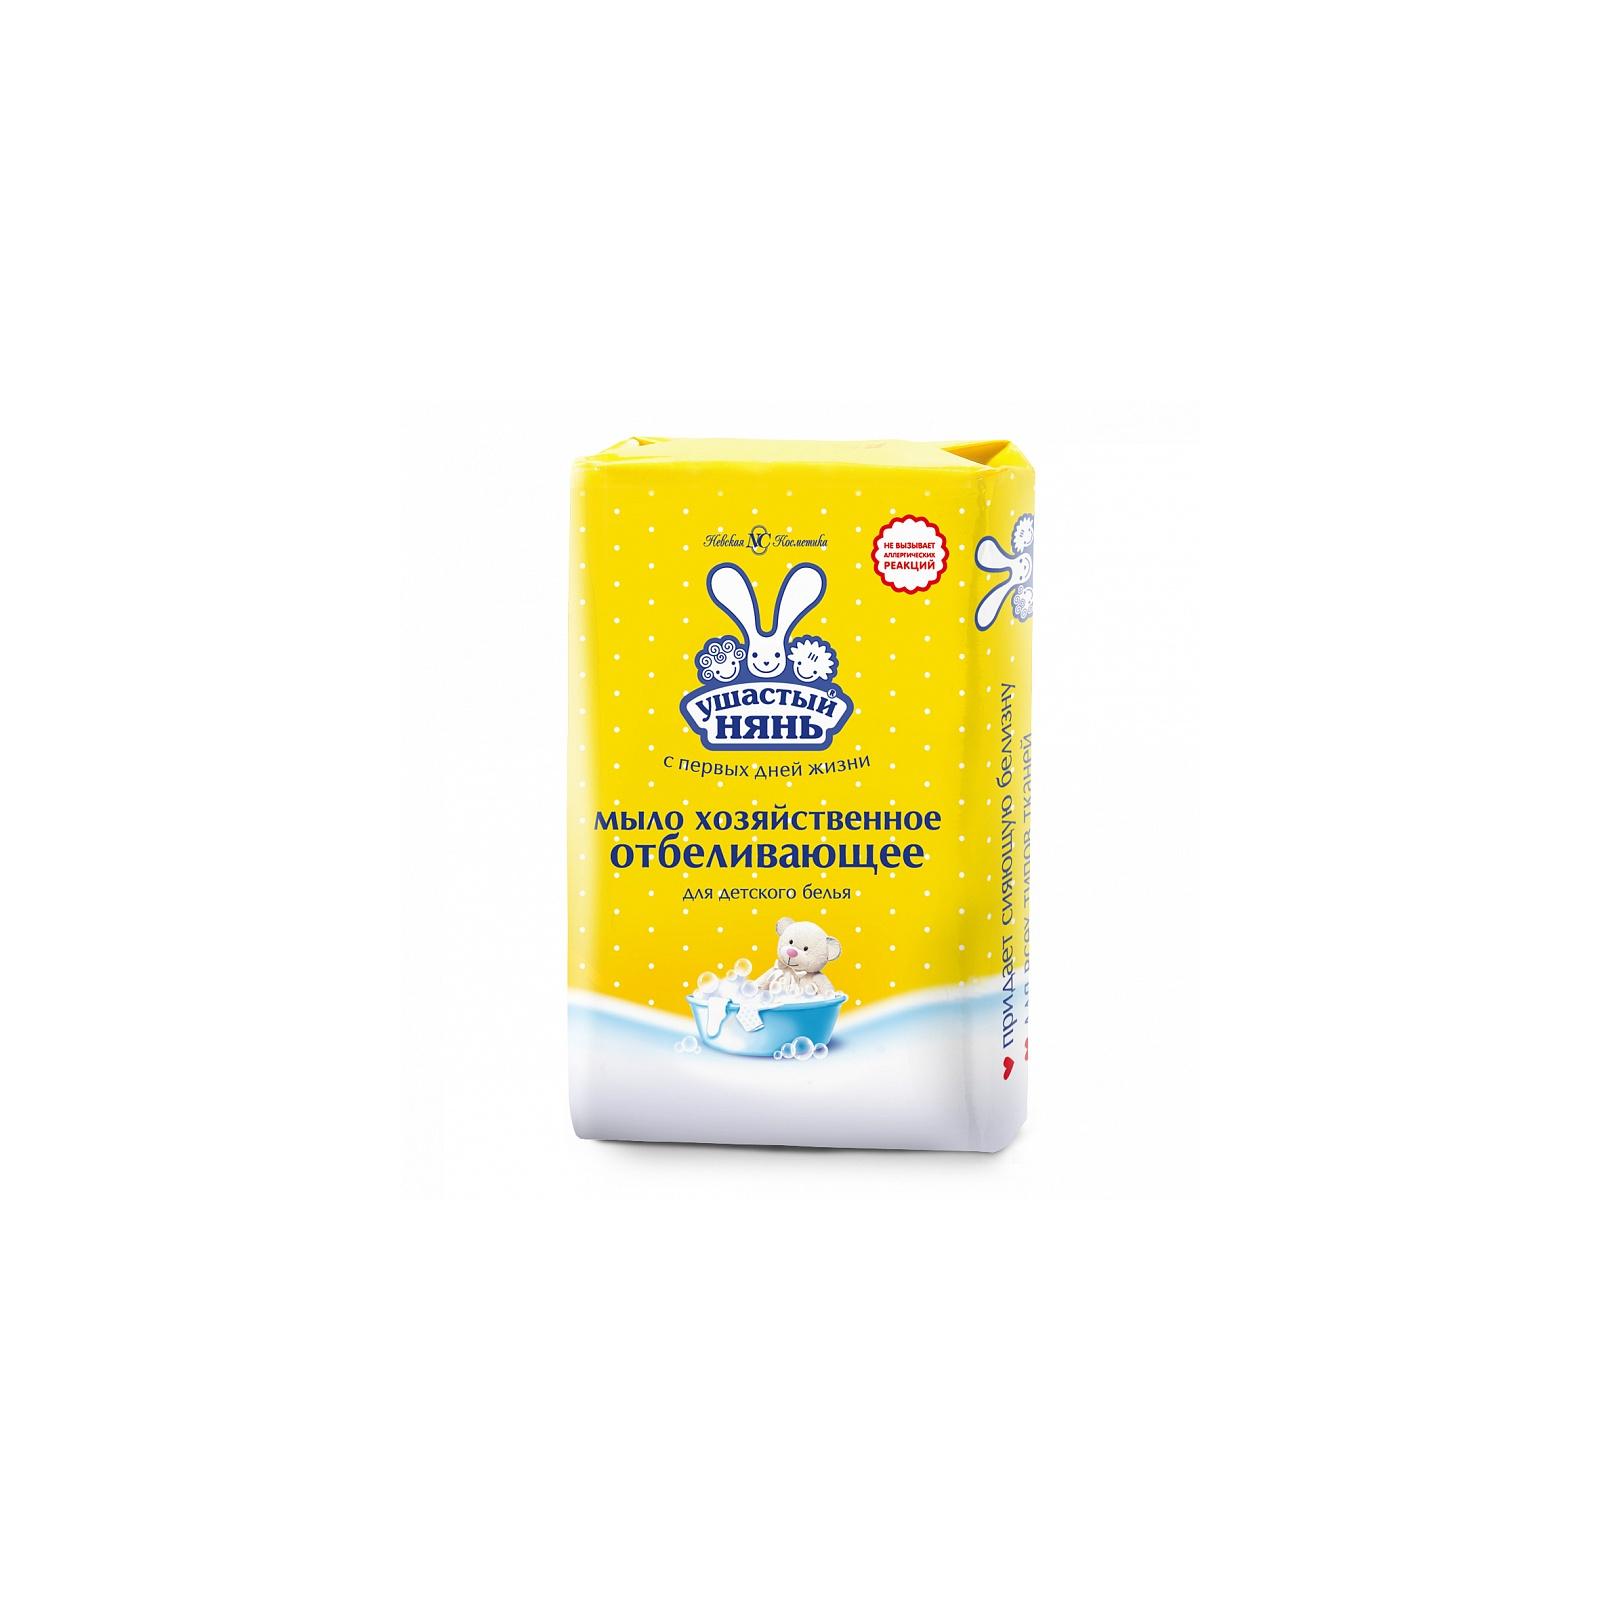 Твердое мыло Ушастый нянь с отбеливающим эффектом 180 г (4600697111391)